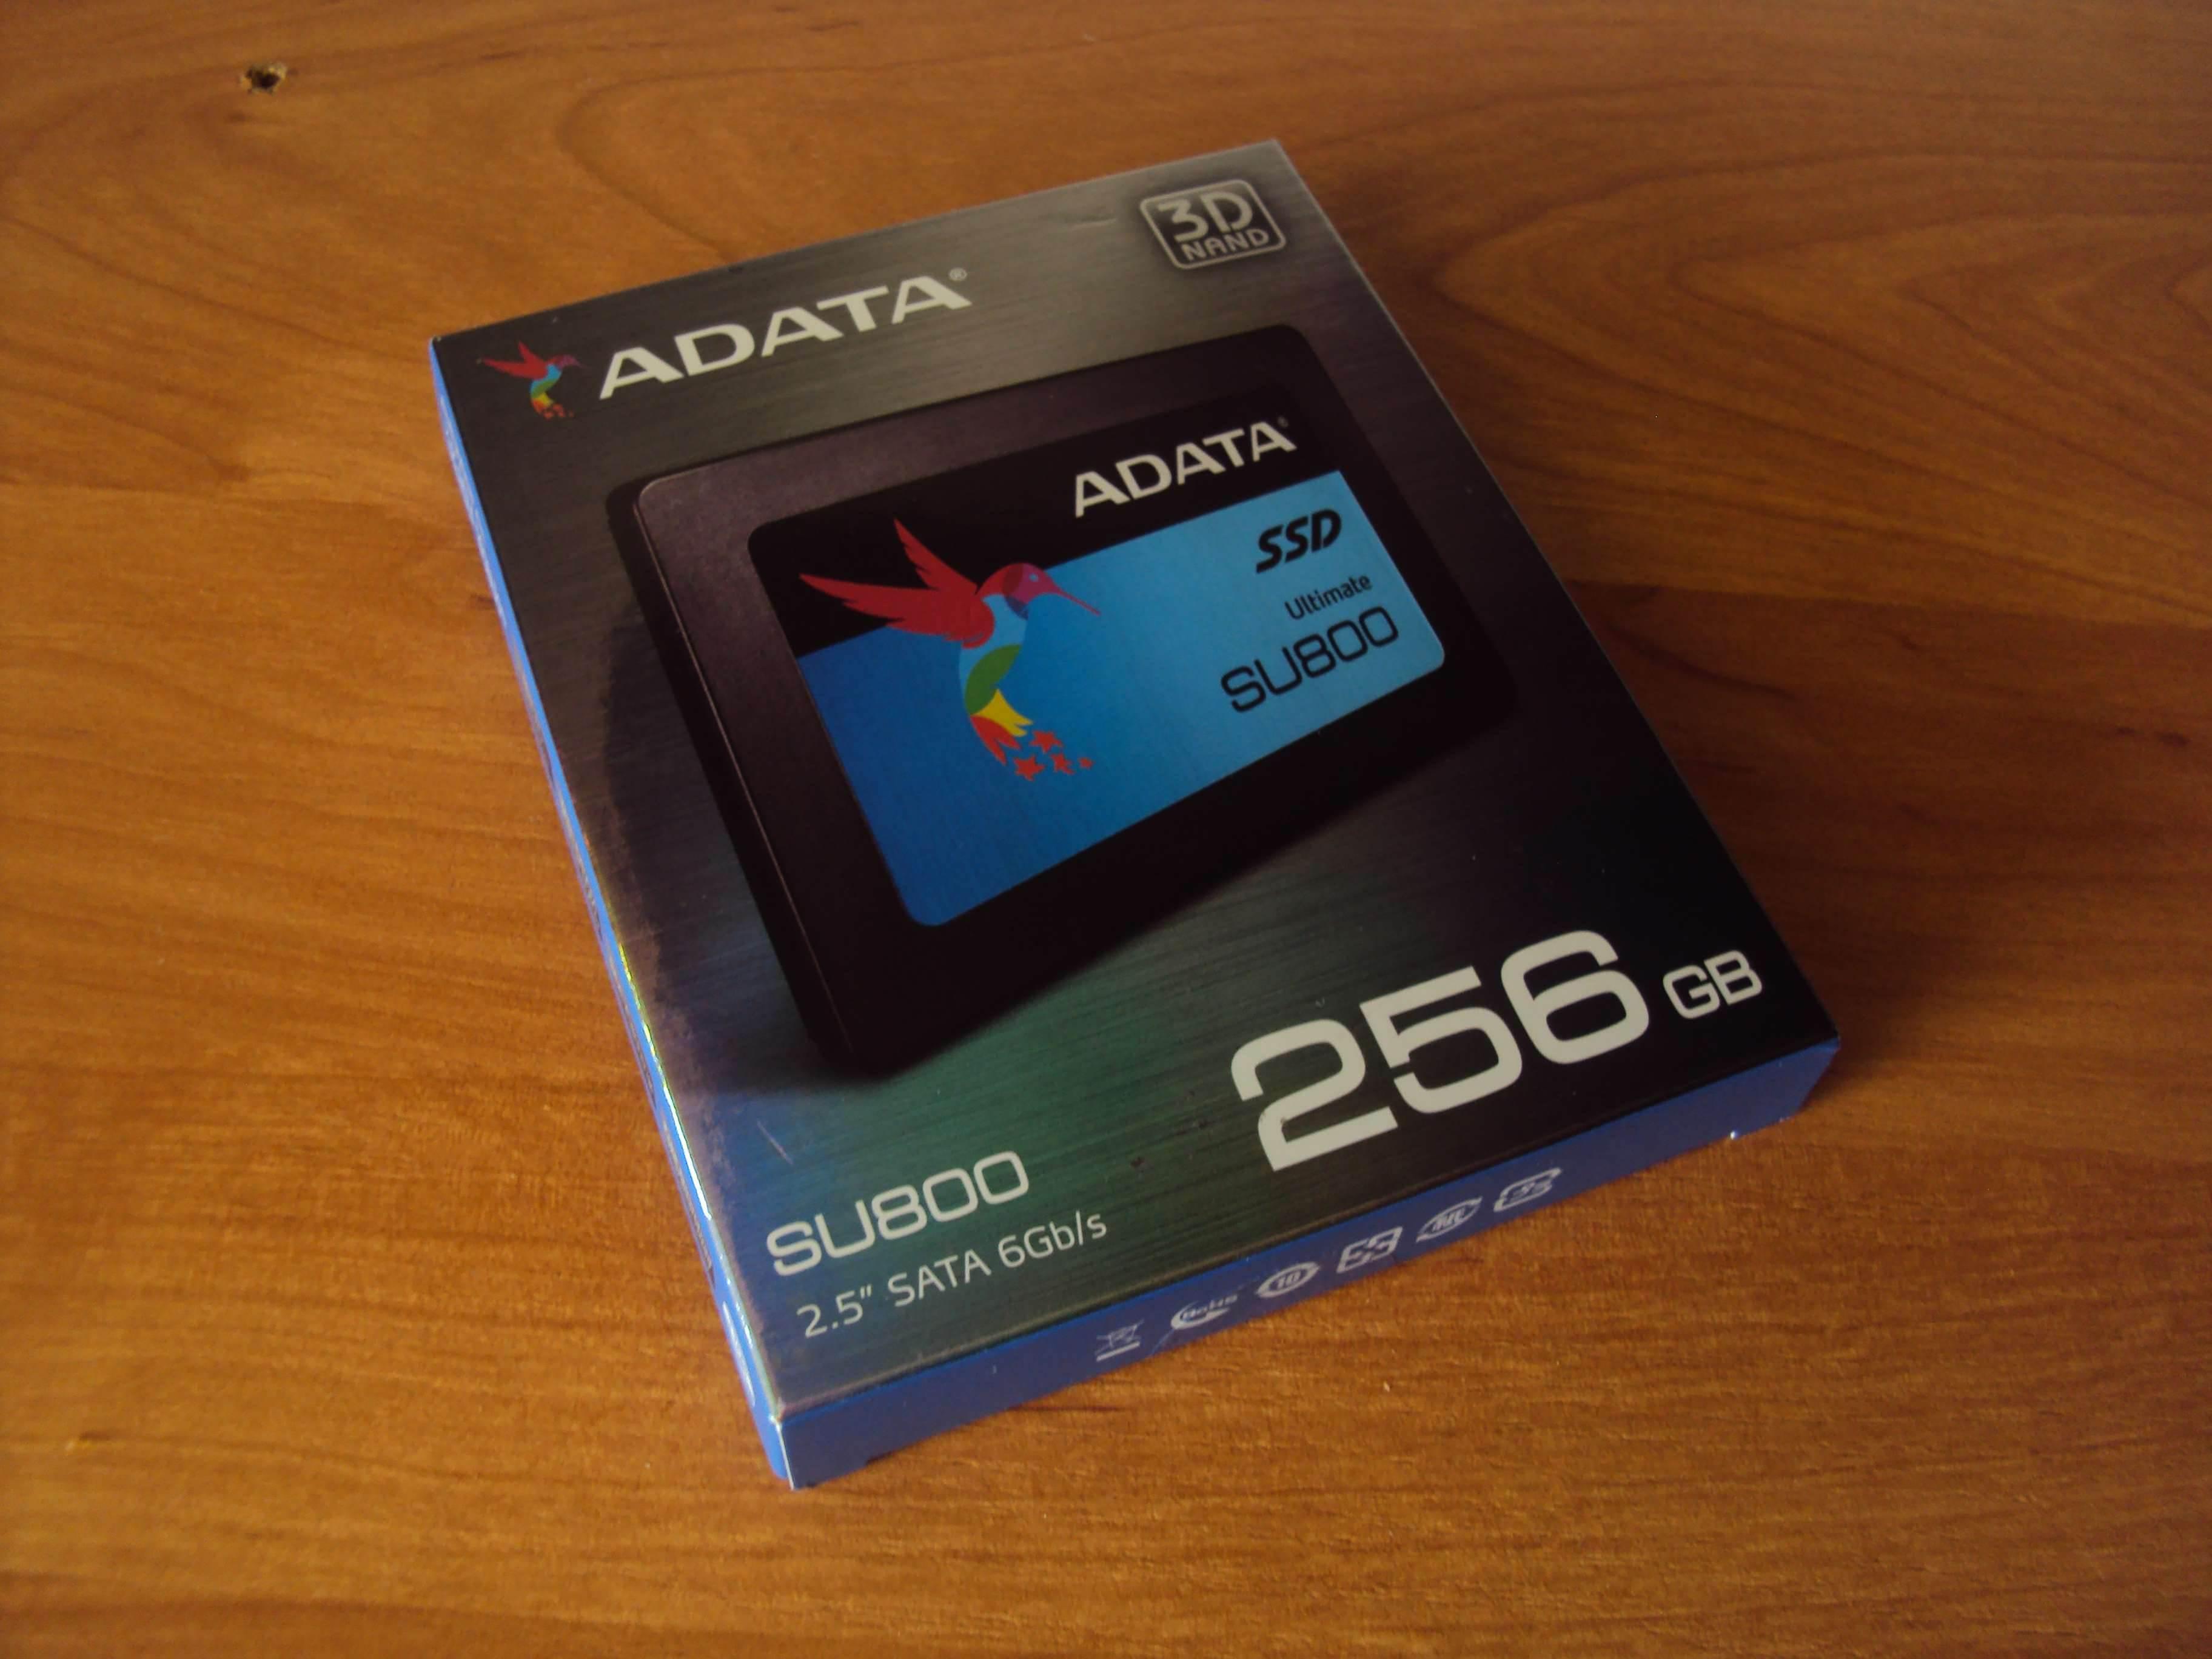 Dysk SSD ADATA SU800 Ultimate (3D NAND) - test i recenzja recenzje, ciekawostki zalety, wady, recenzja Dysk SSD ADATA SU800 Ultimate, polska recenzja, Dysk SSD ADATA SU800 Ultimate  Początkowo twierdziłem, że fabryczny dysk twardy w PlayStation 4 będzie mi wystarczał, ponieważ od razu po zakupie nie miałem zbyt wielu gier. DSC02560